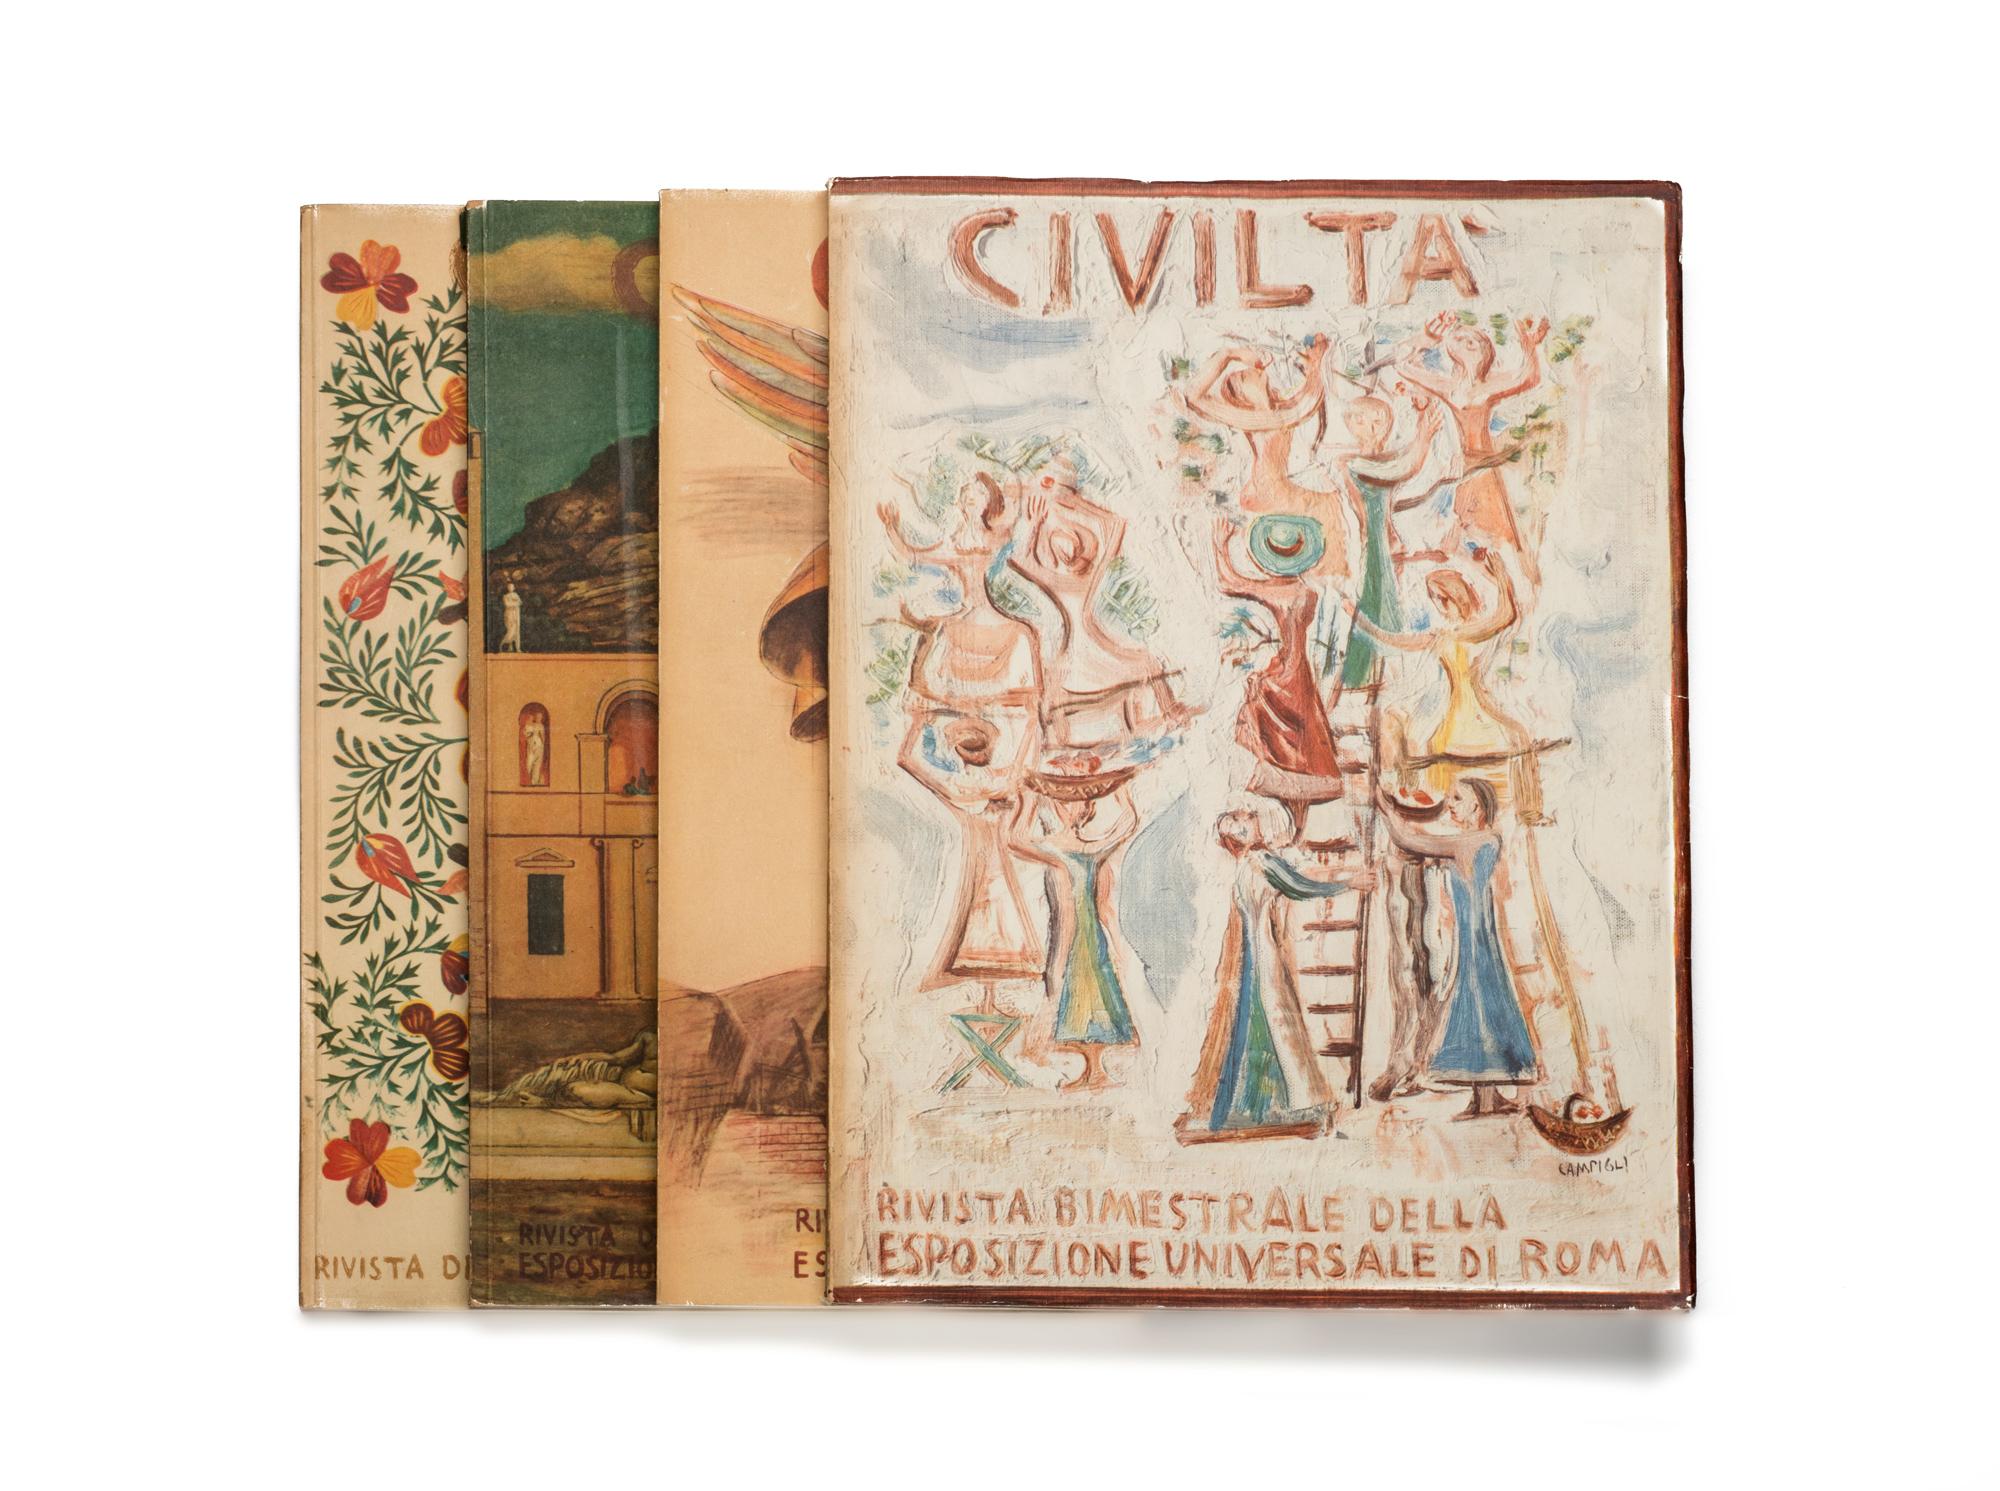 CIVILTA' rivista della Esposizione Universale di Roma